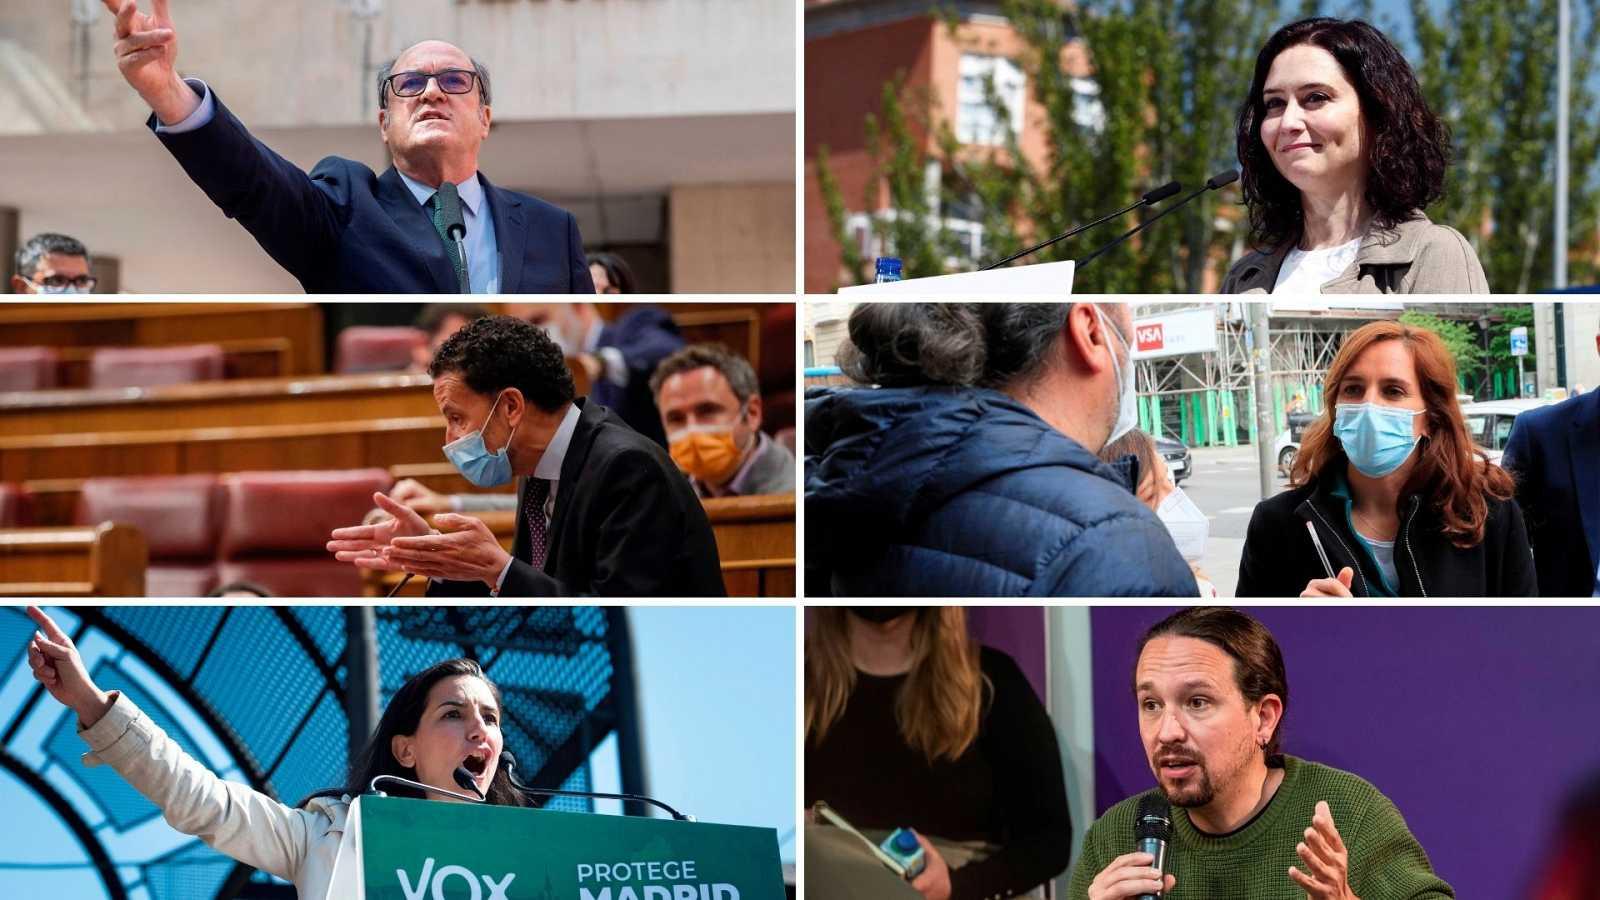 14 horas - Los candidatos preparan el debate en medio del rechazo al cartel de VOX - Escuchar ahora